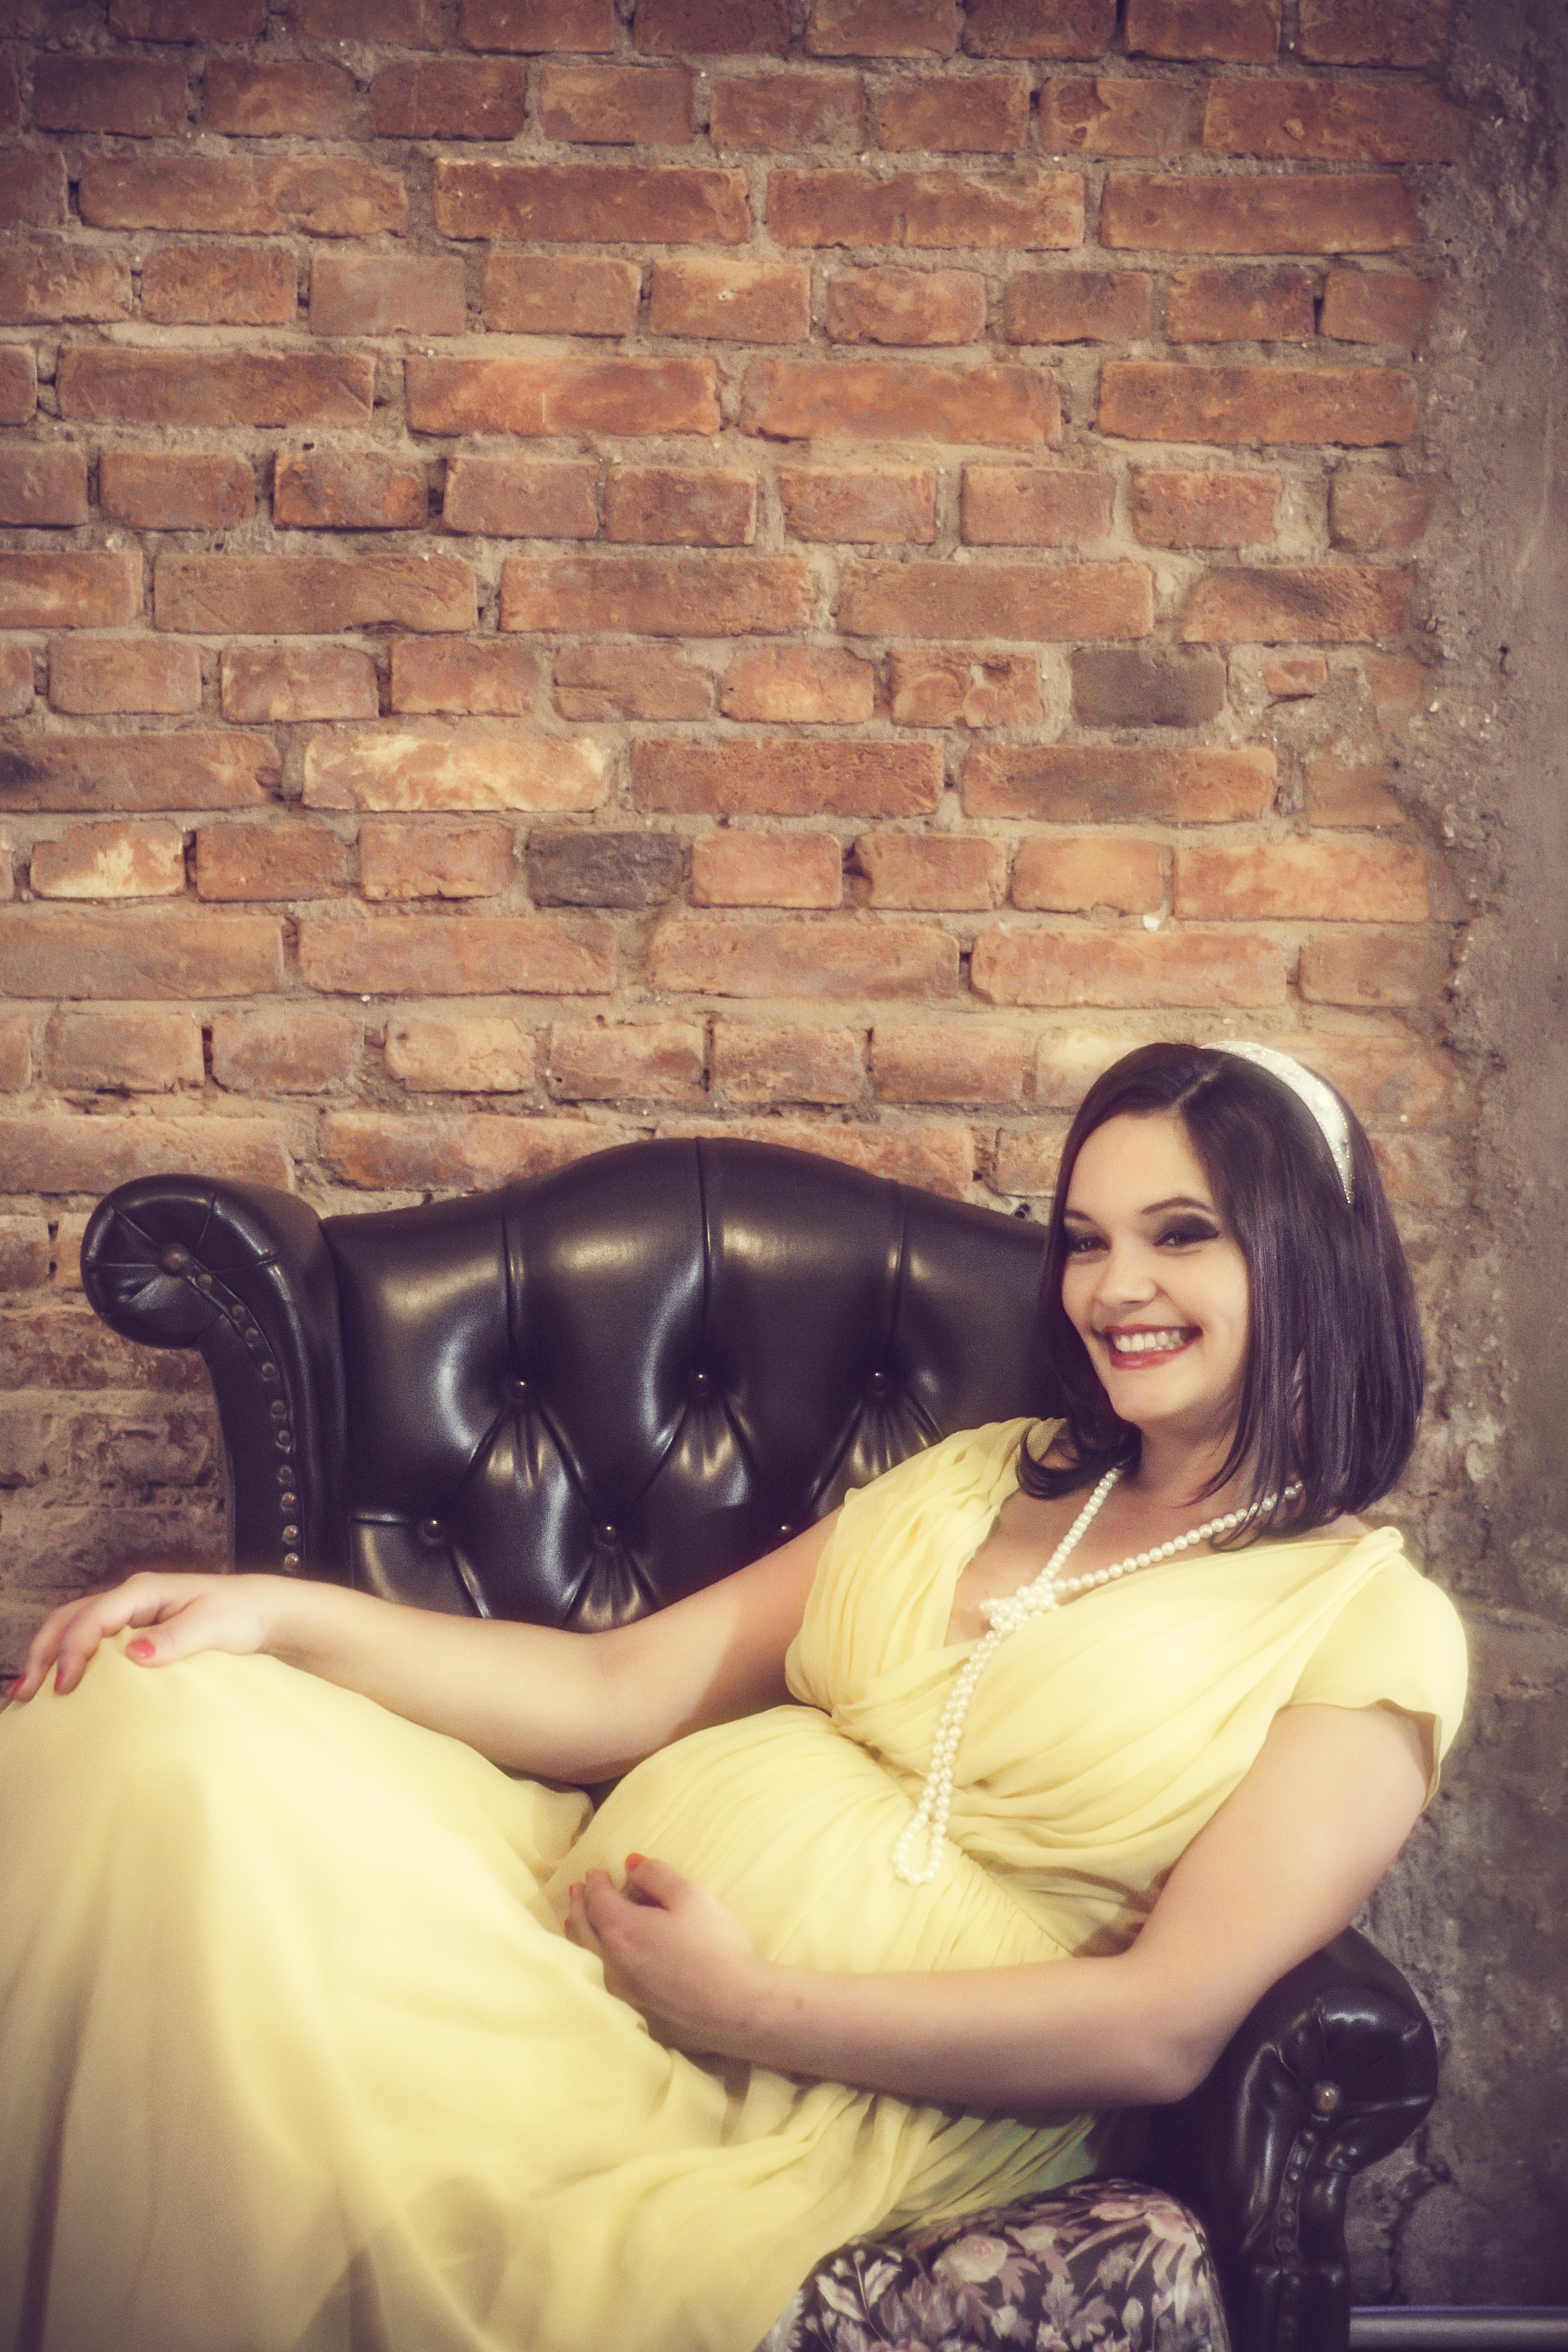 91f023d1ec1 Gratis billeder : person, pige, fotografering, årgang, retro, tid, ben,  venter, portræt, model, siddende, mor, graviditet, familie, lykke,  fotografi, bug, ...